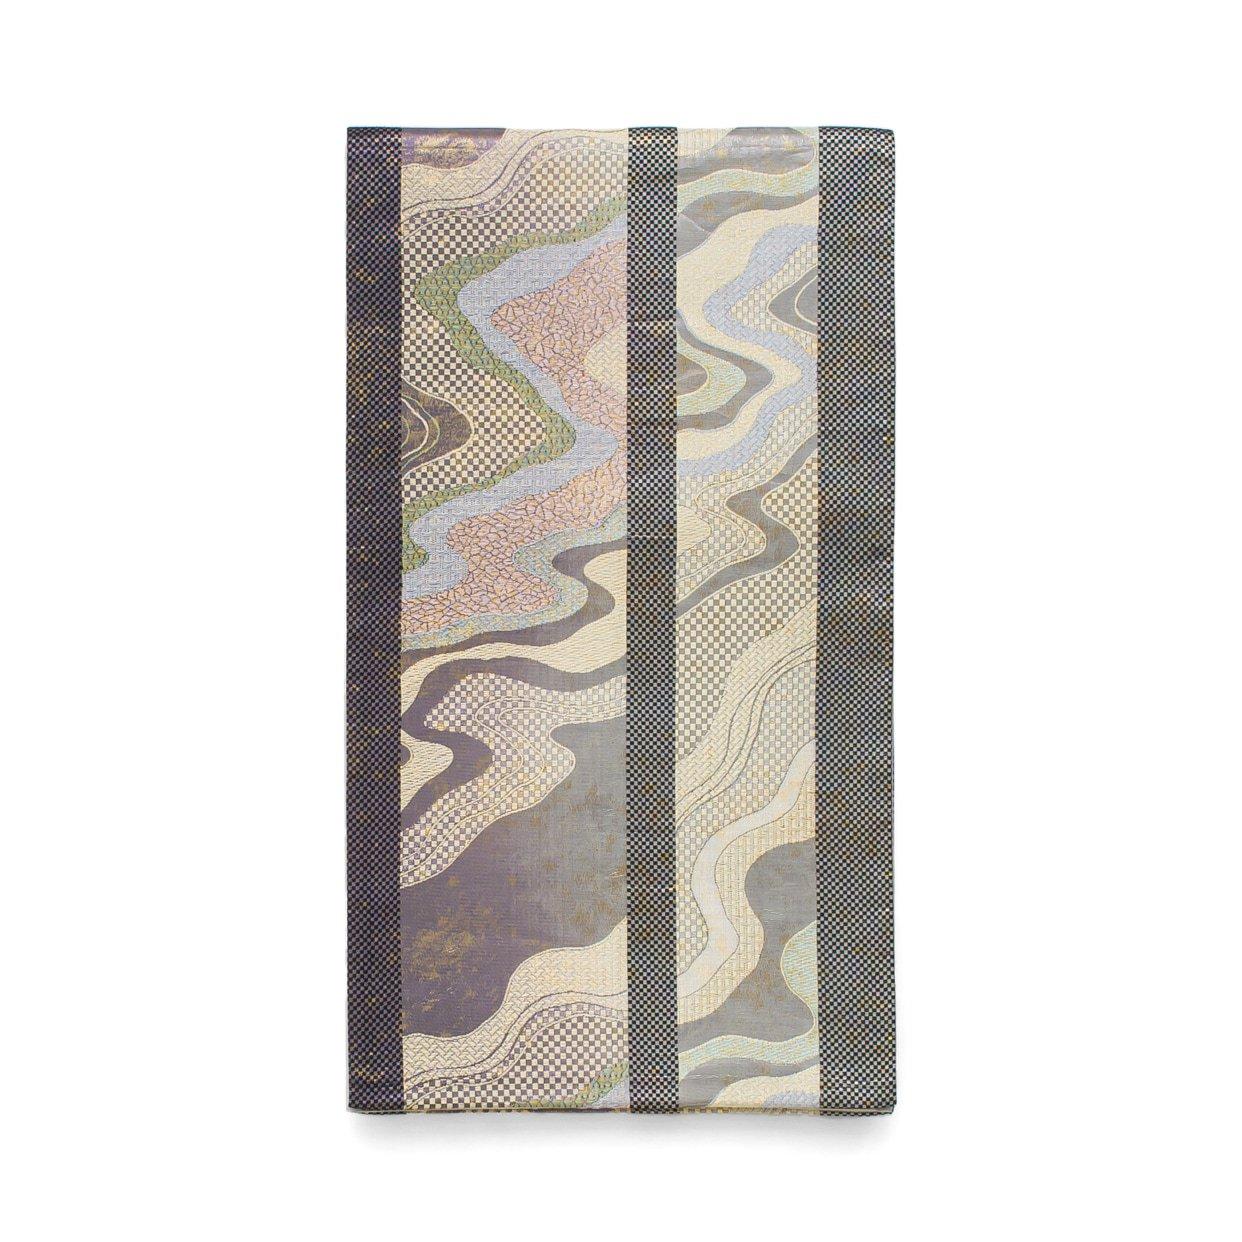 「袋帯●縞に霞」の商品画像